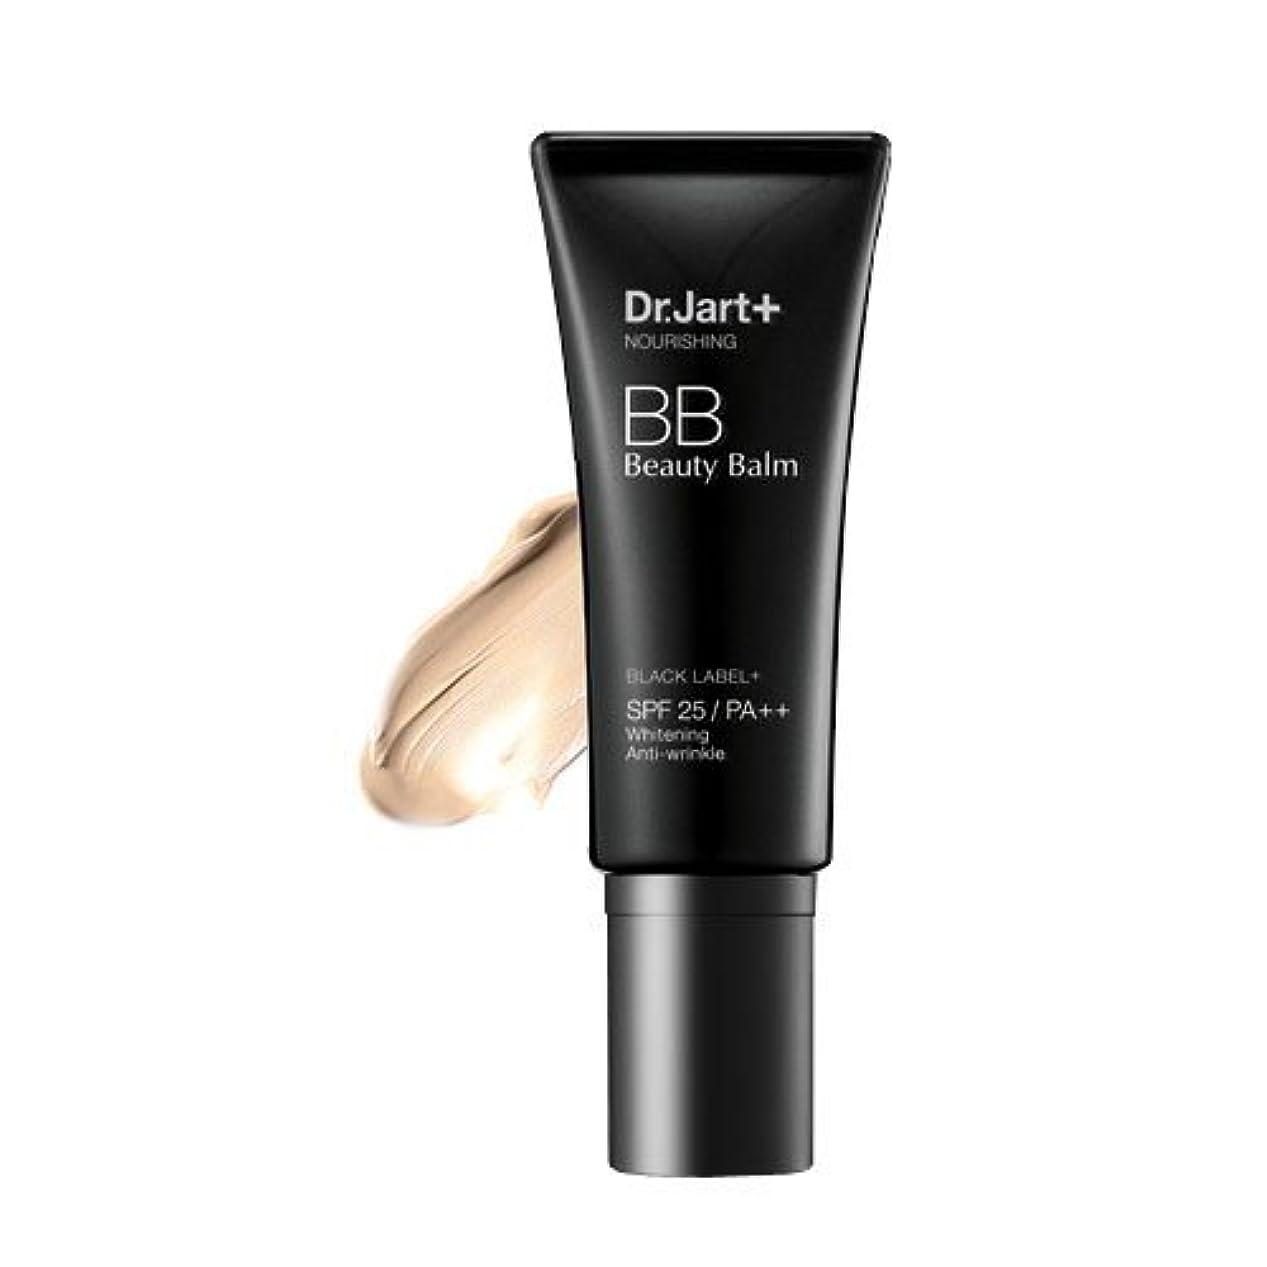 虐待購入時々時々ドクタージャルト ブラックラベル プラス BBクリーム SPF25PA+++ 40ml Dr.Jart NOURISHING BB Beauty Balm...